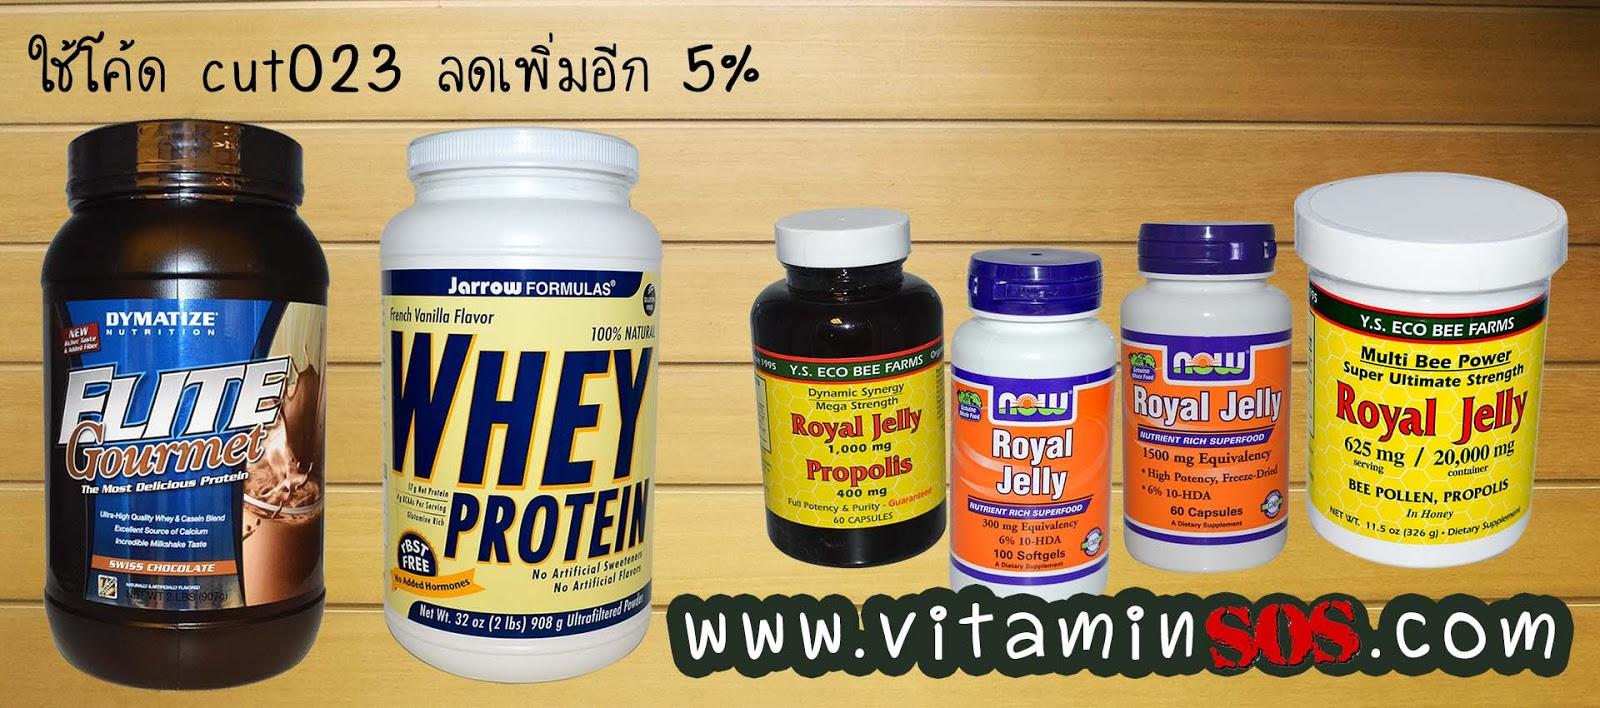 สั่ง iHerb ขาย Whey Protein Royal Jelly  ราคาไม่แพง